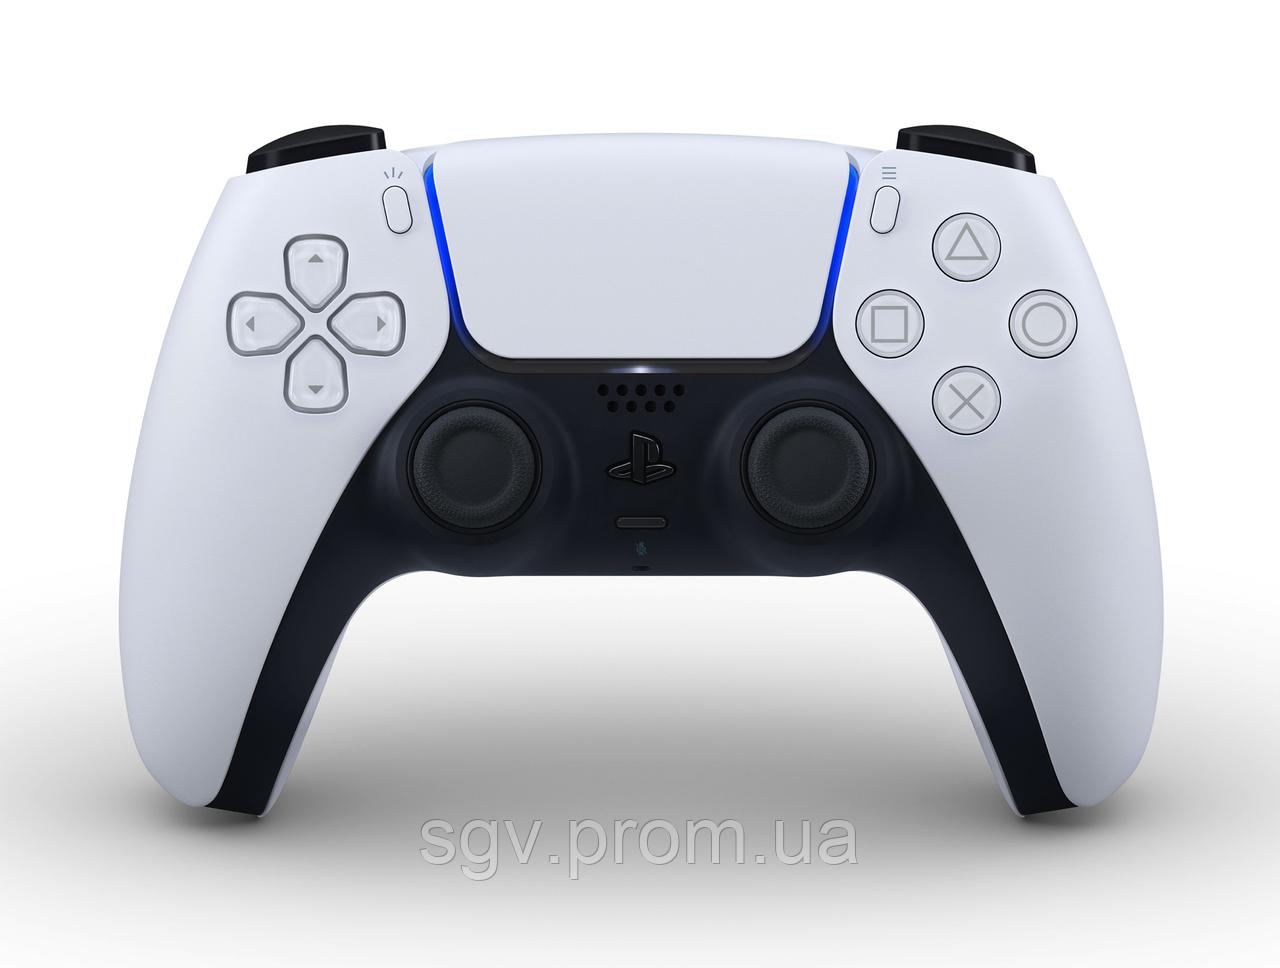 Геймпад DualSense PS5 White Black (Беспроводной геймпад для PlayStation 5)